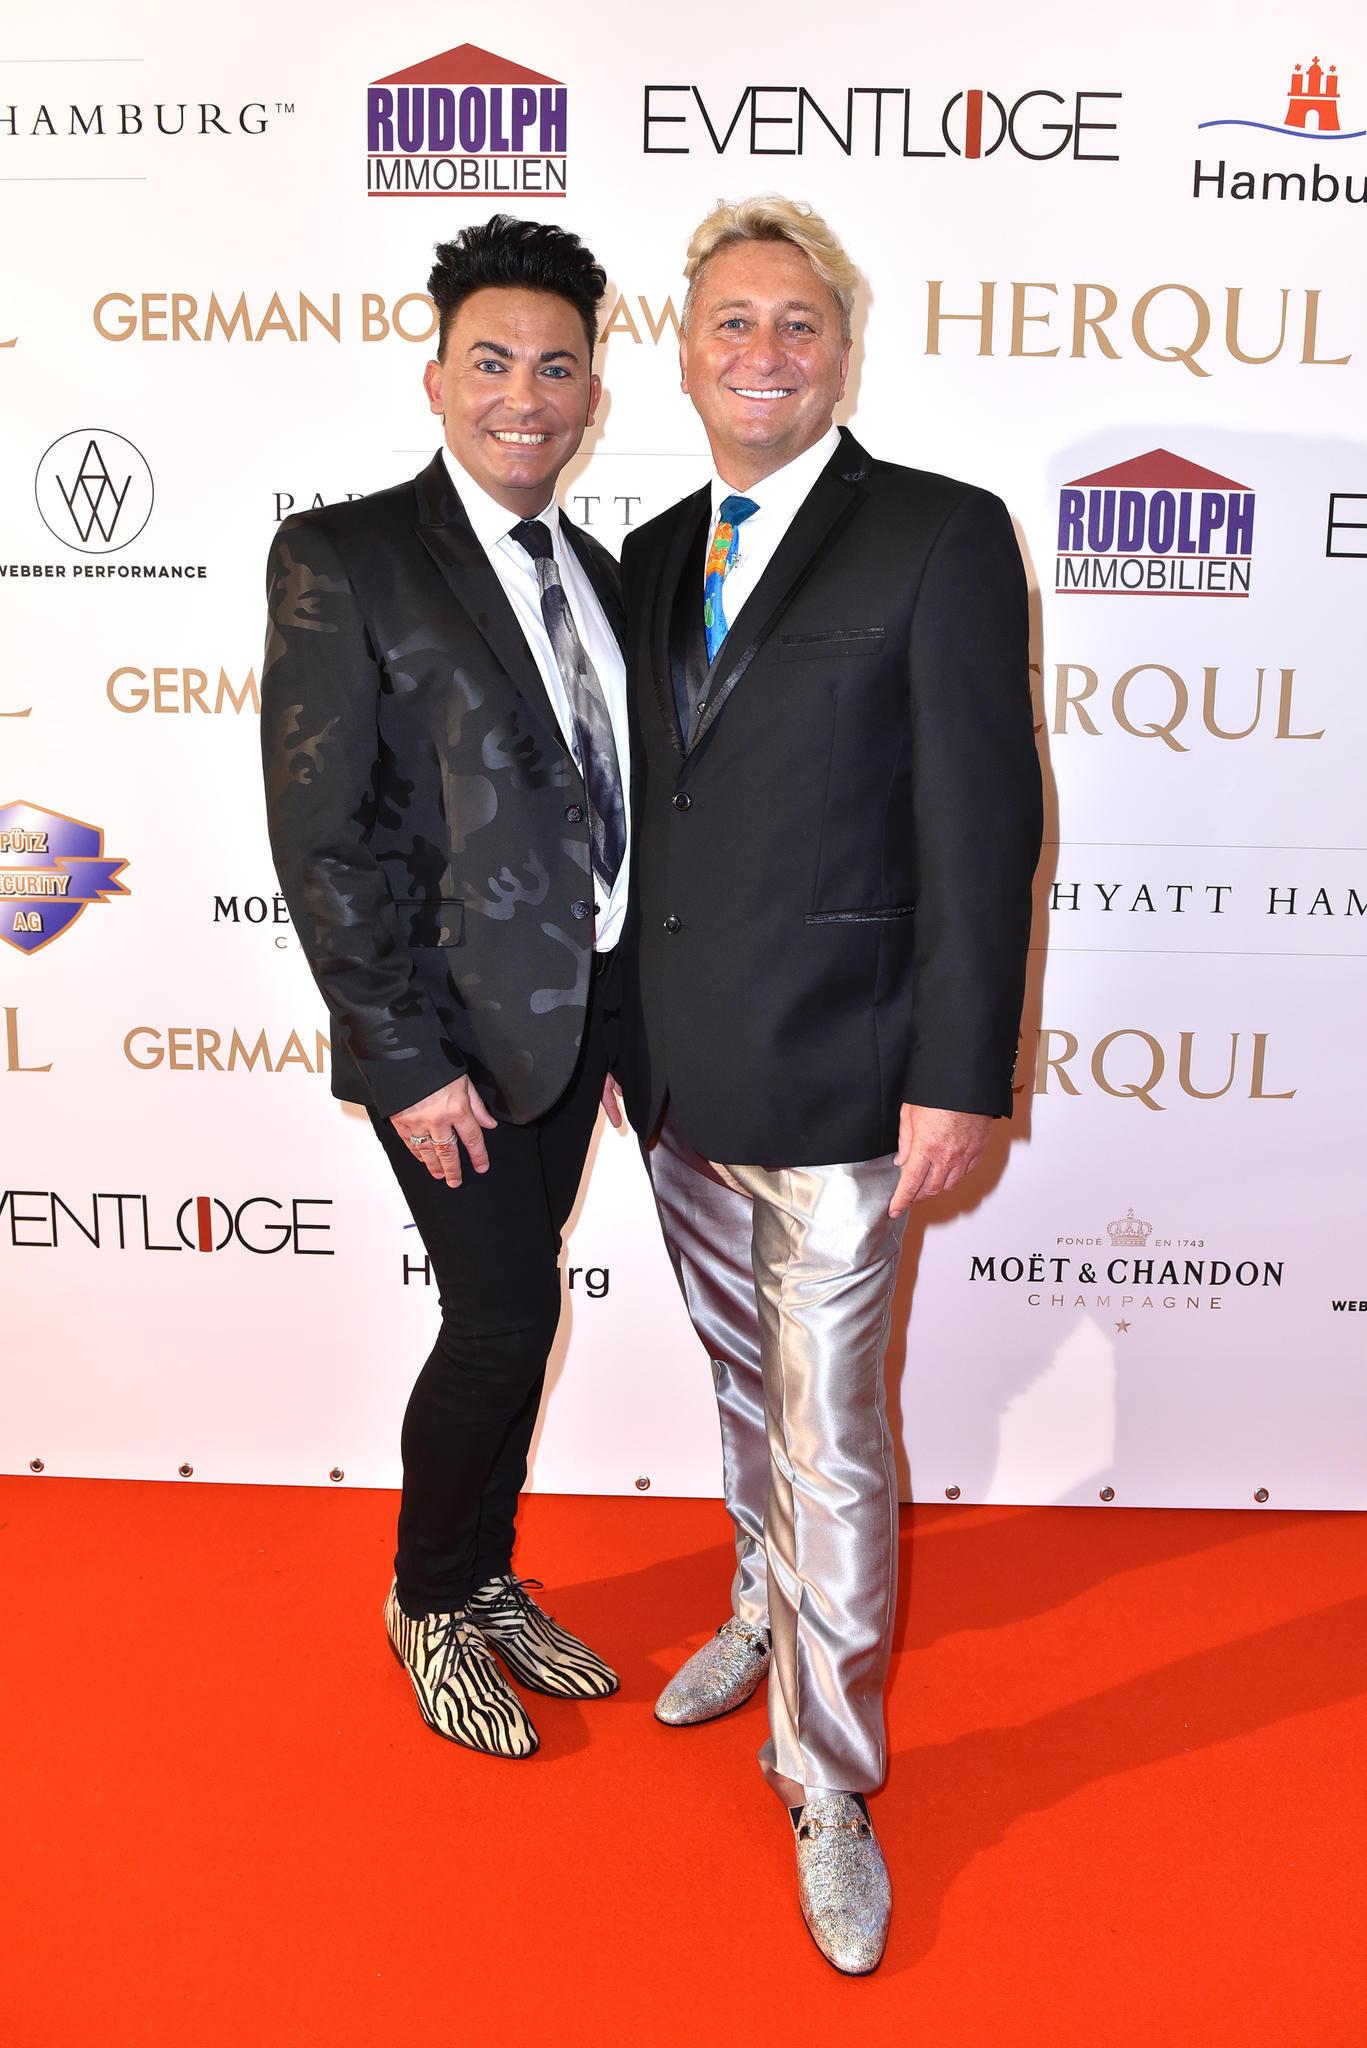 Hochzeit Hubert Und Matthias  Matthias Mangiapane Hubert Fella Sie lassen 67 000 Euro